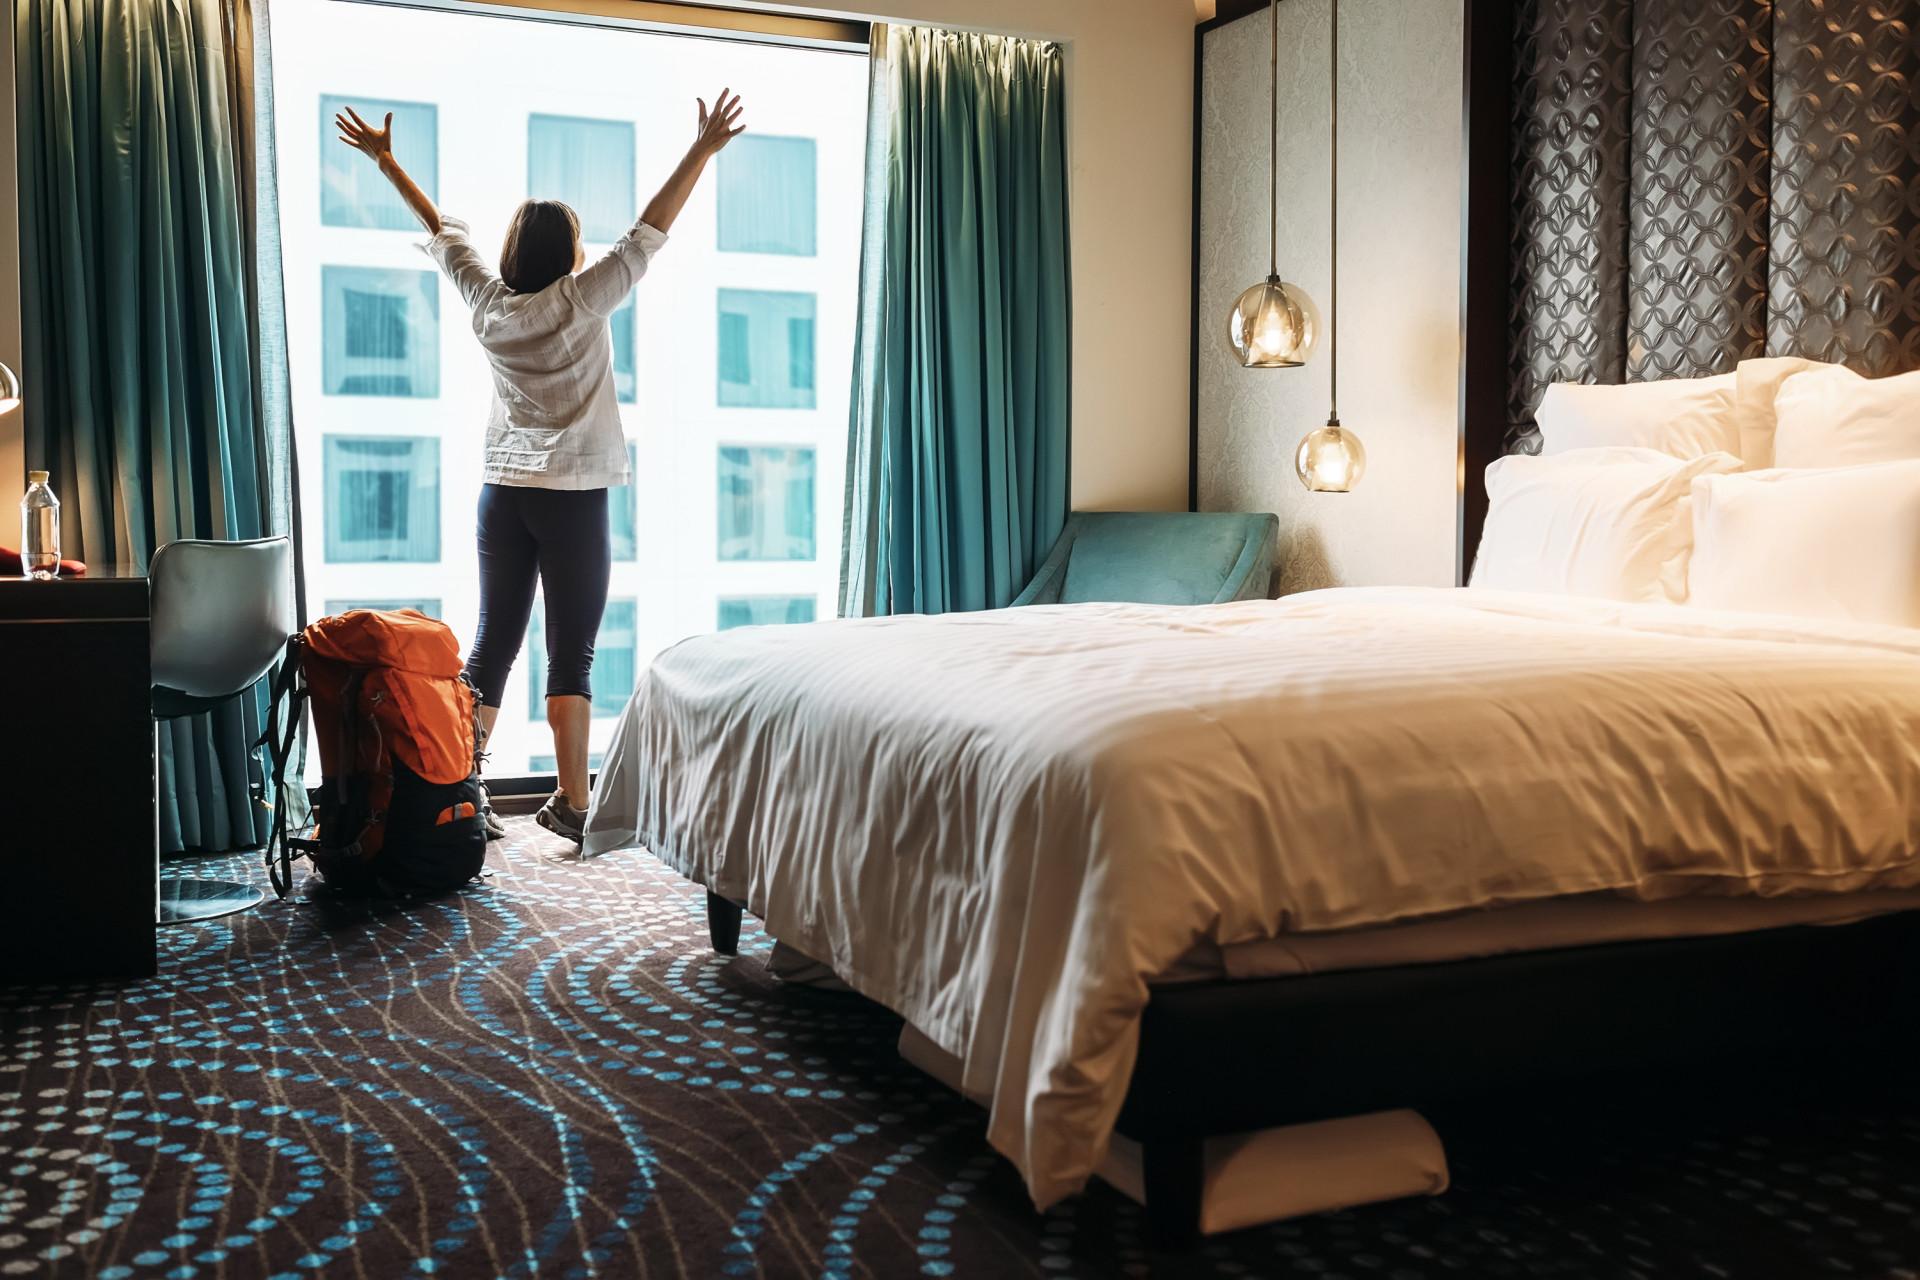 Segredos que os funcionários dos hotéis não querem que saiba